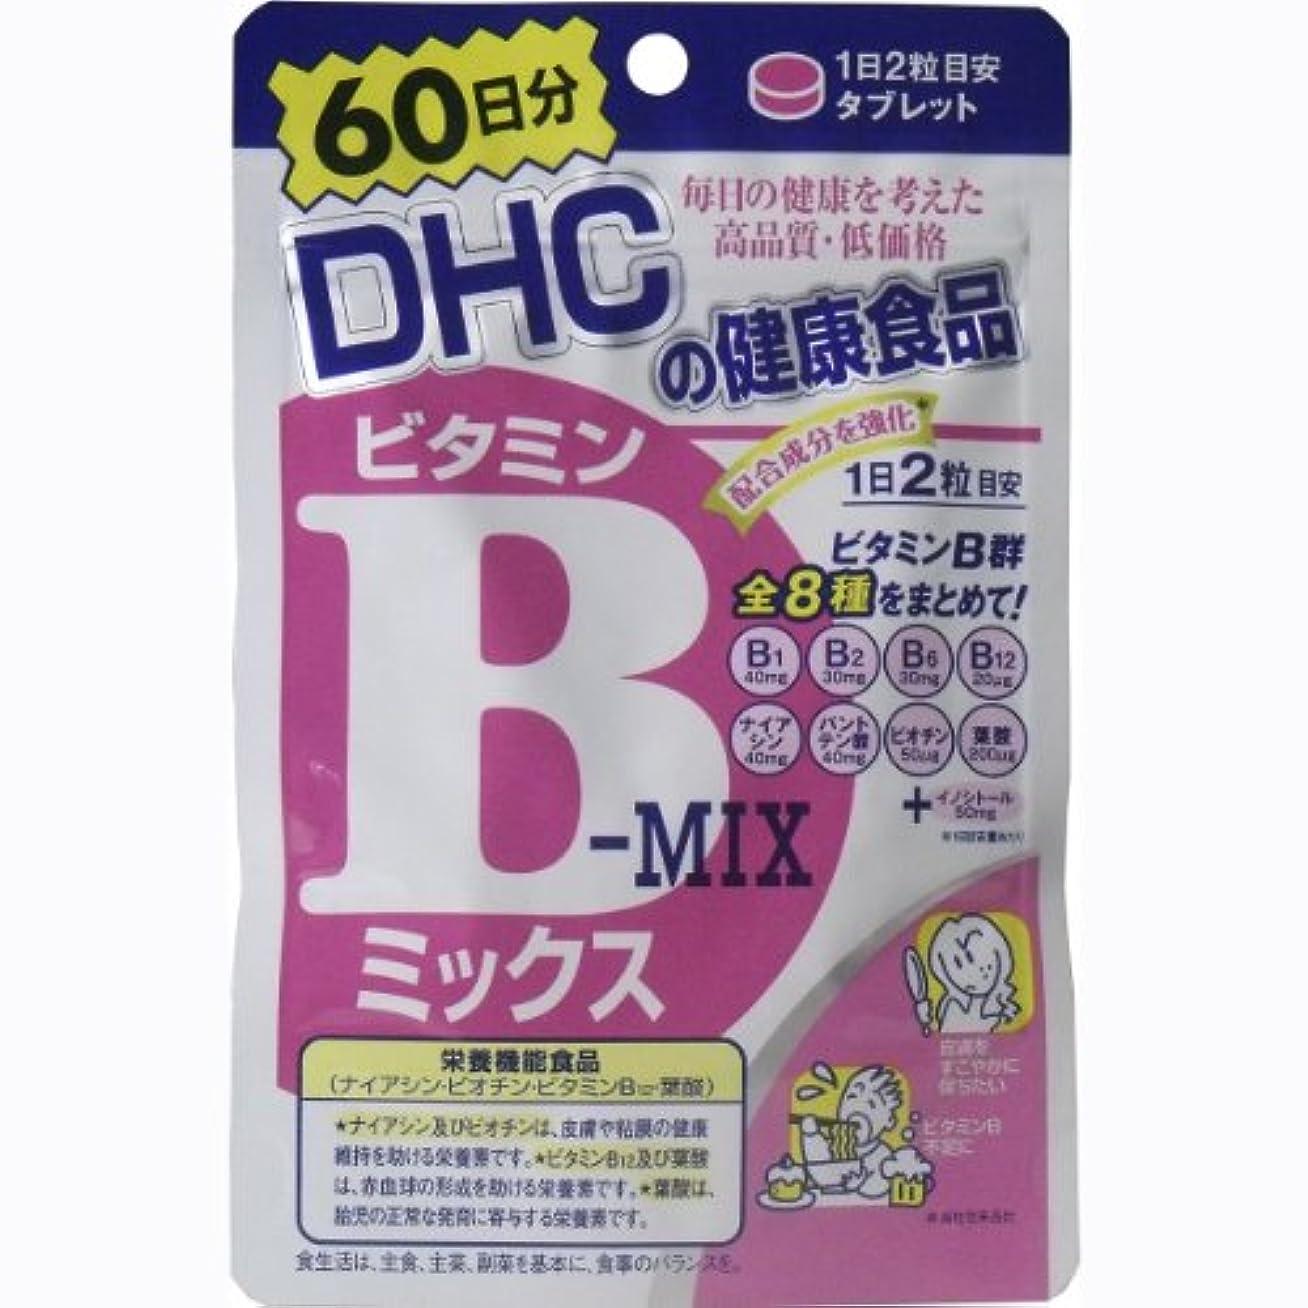 却下するデンマーク語戻すDHC ビタミンBミックス 120粒 60日分「4点セット」